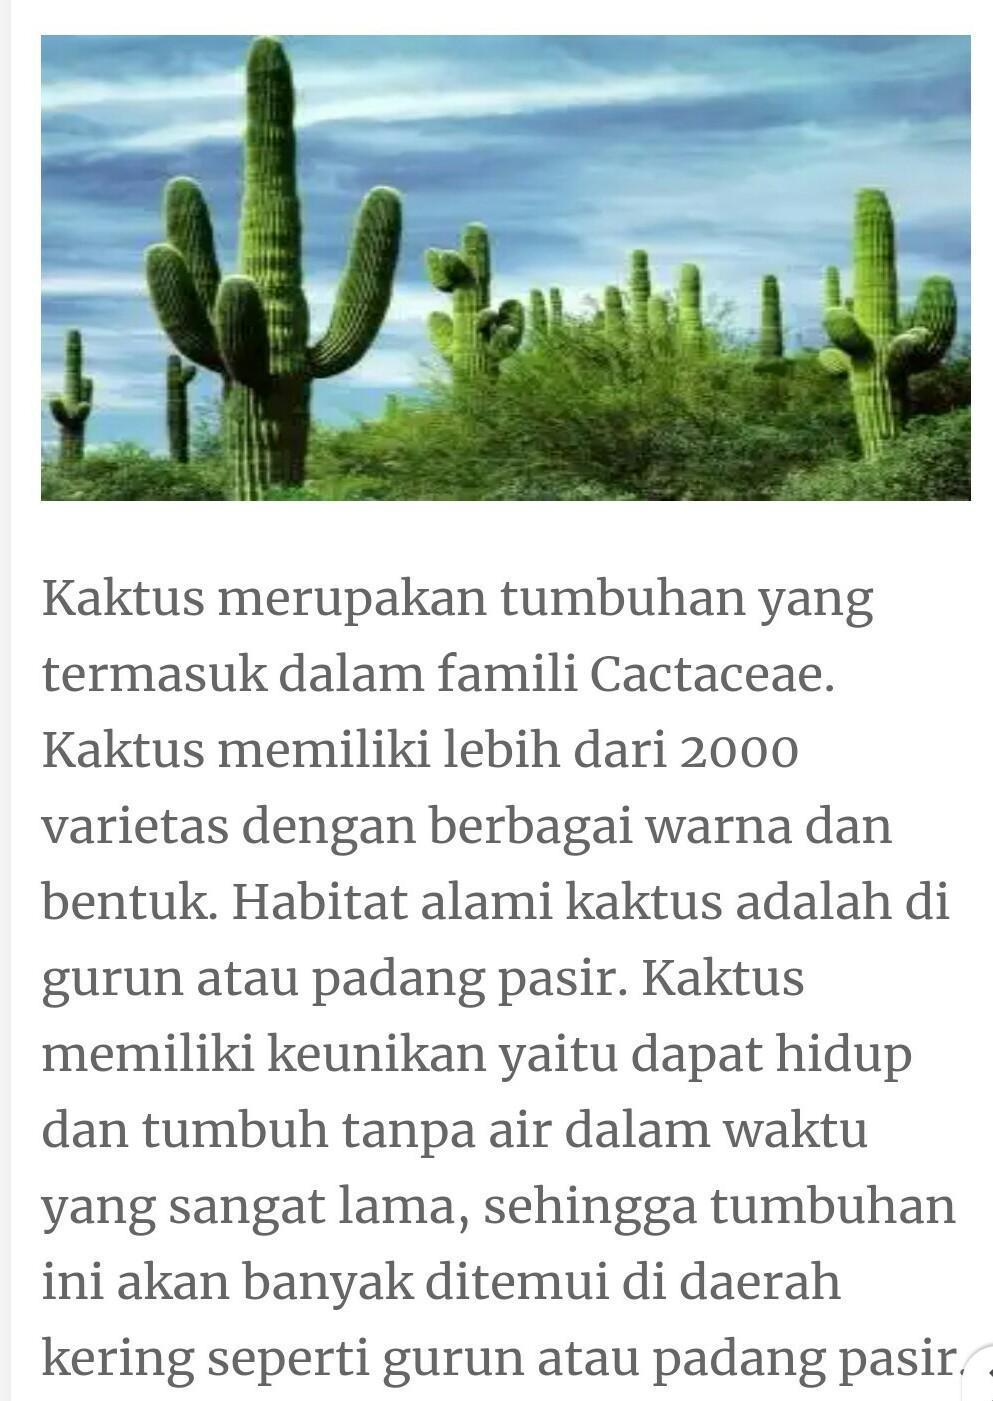 Ciri Khusus Kaktus : khusus, kaktus, Contoh, Poster, Pengamatan, Khusus, Kaktus, Brainly.co.id